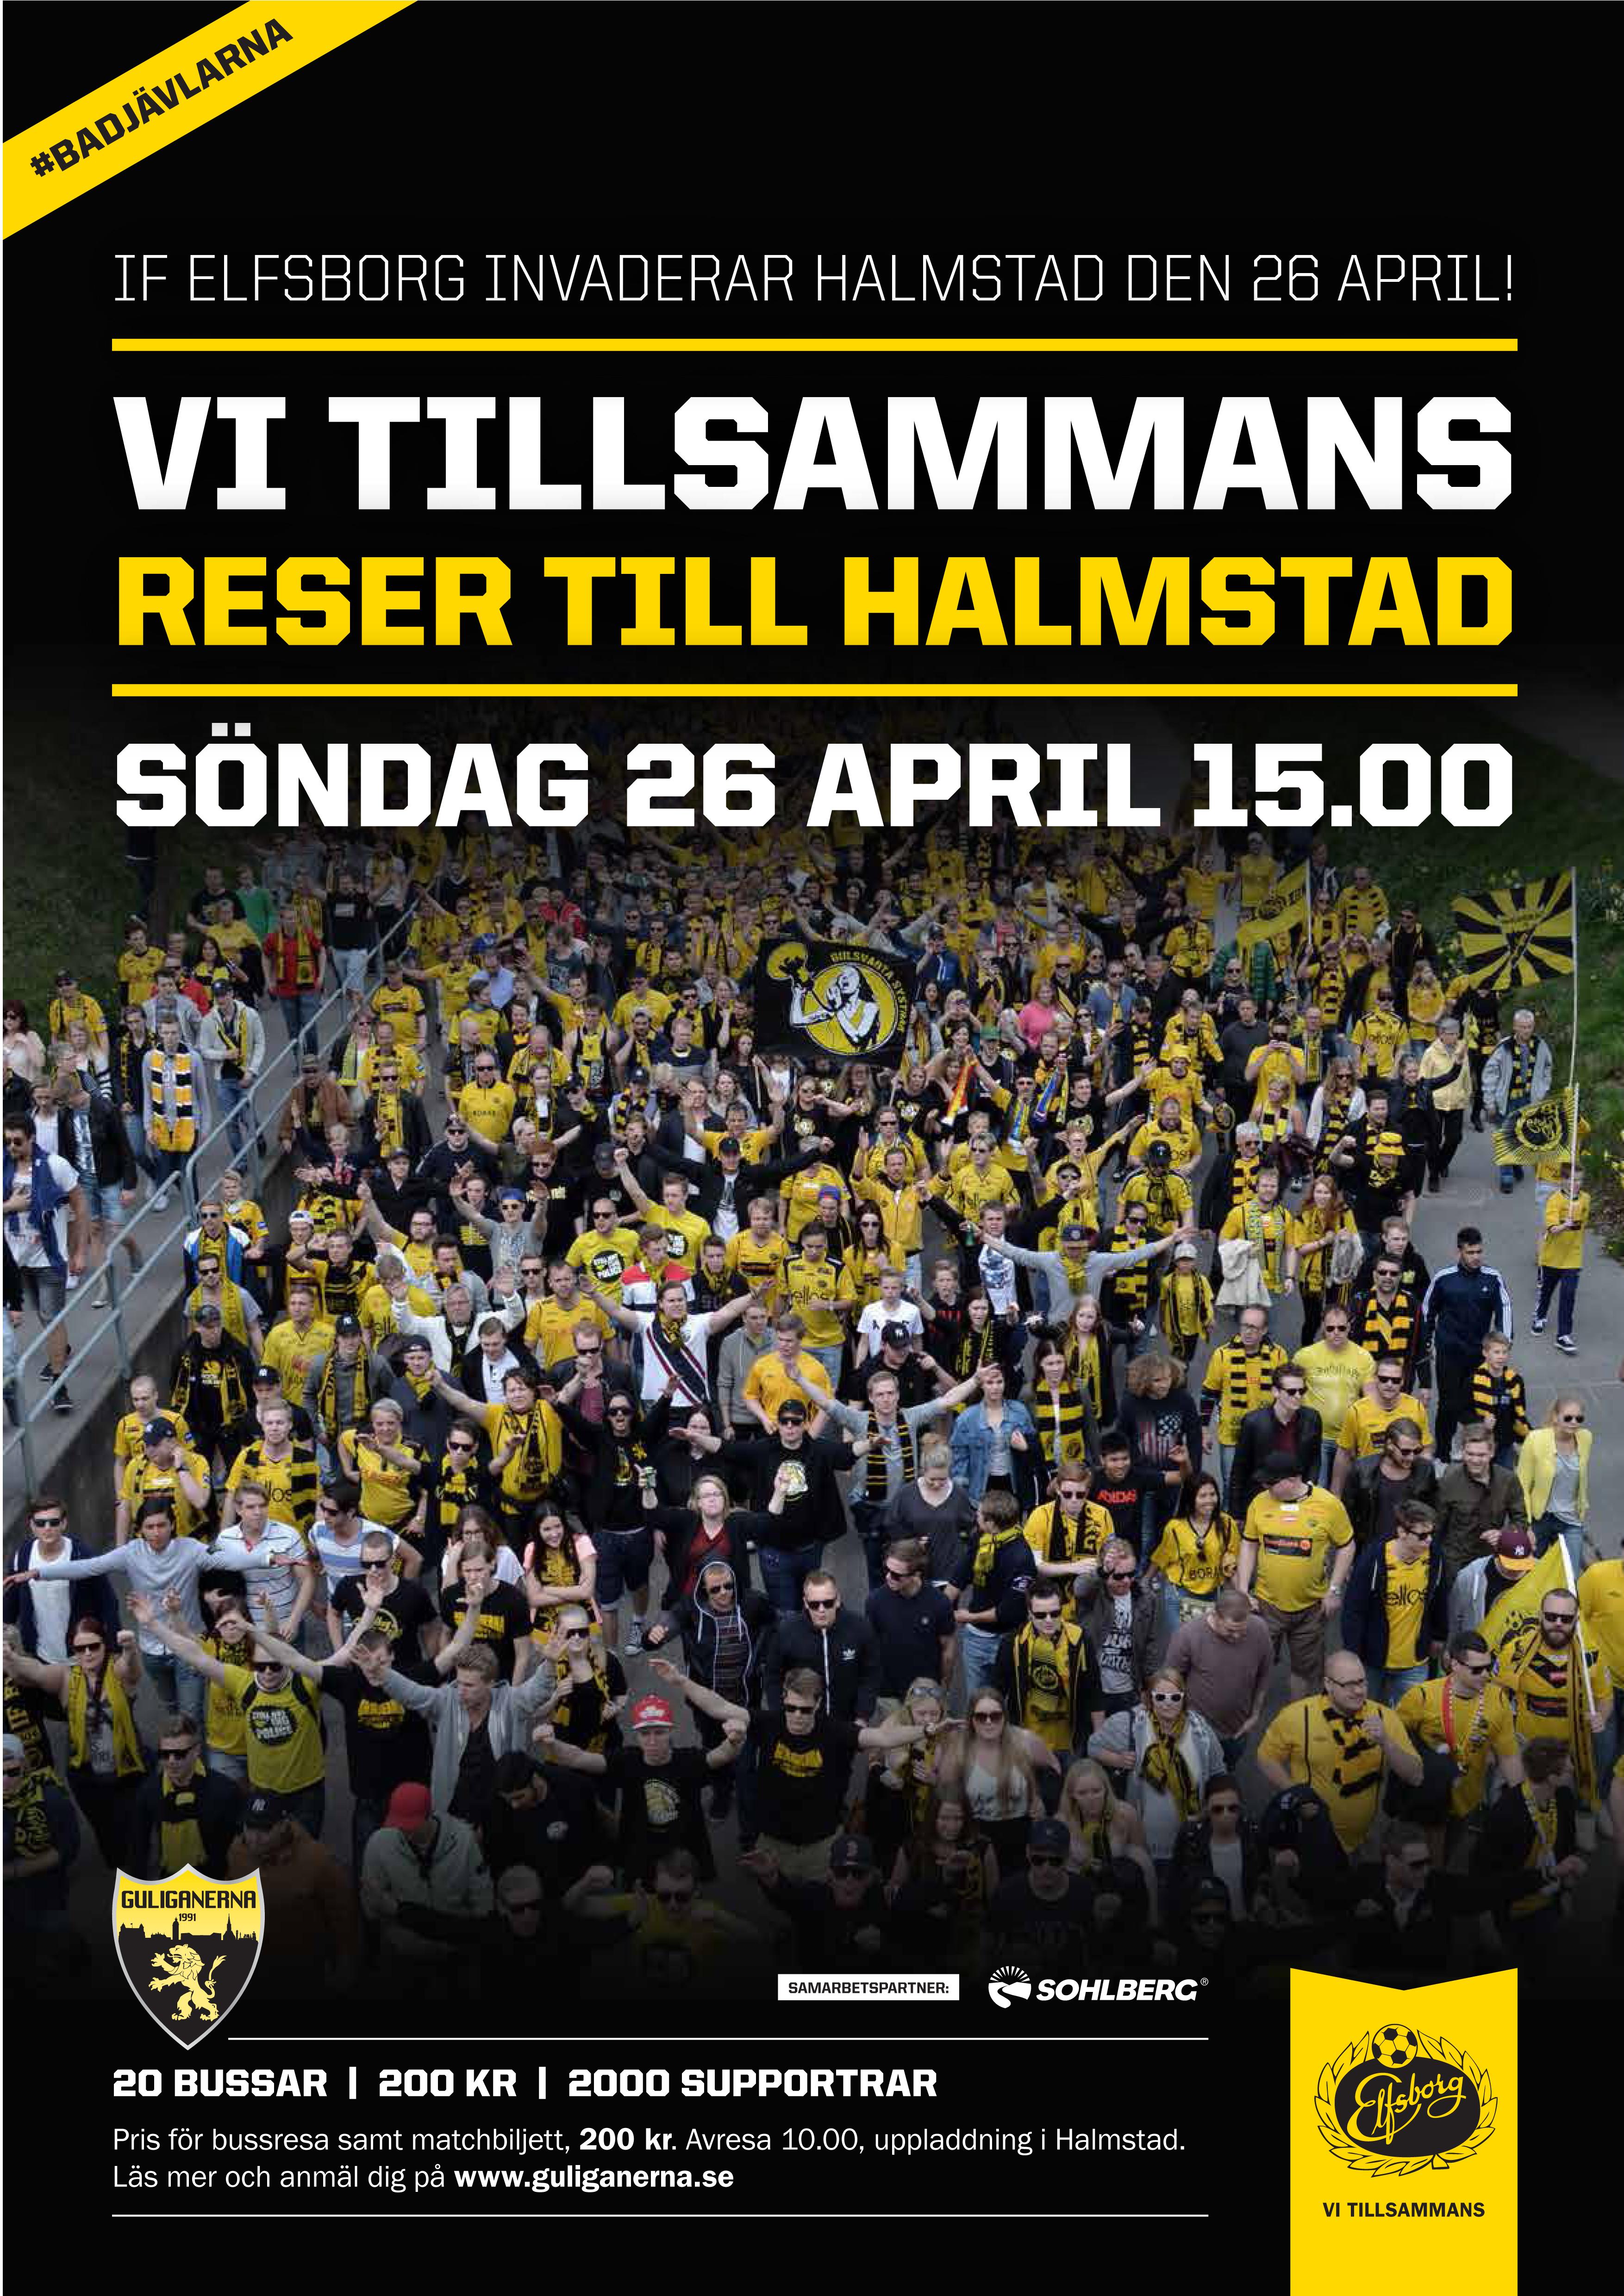 AffischHalmstad